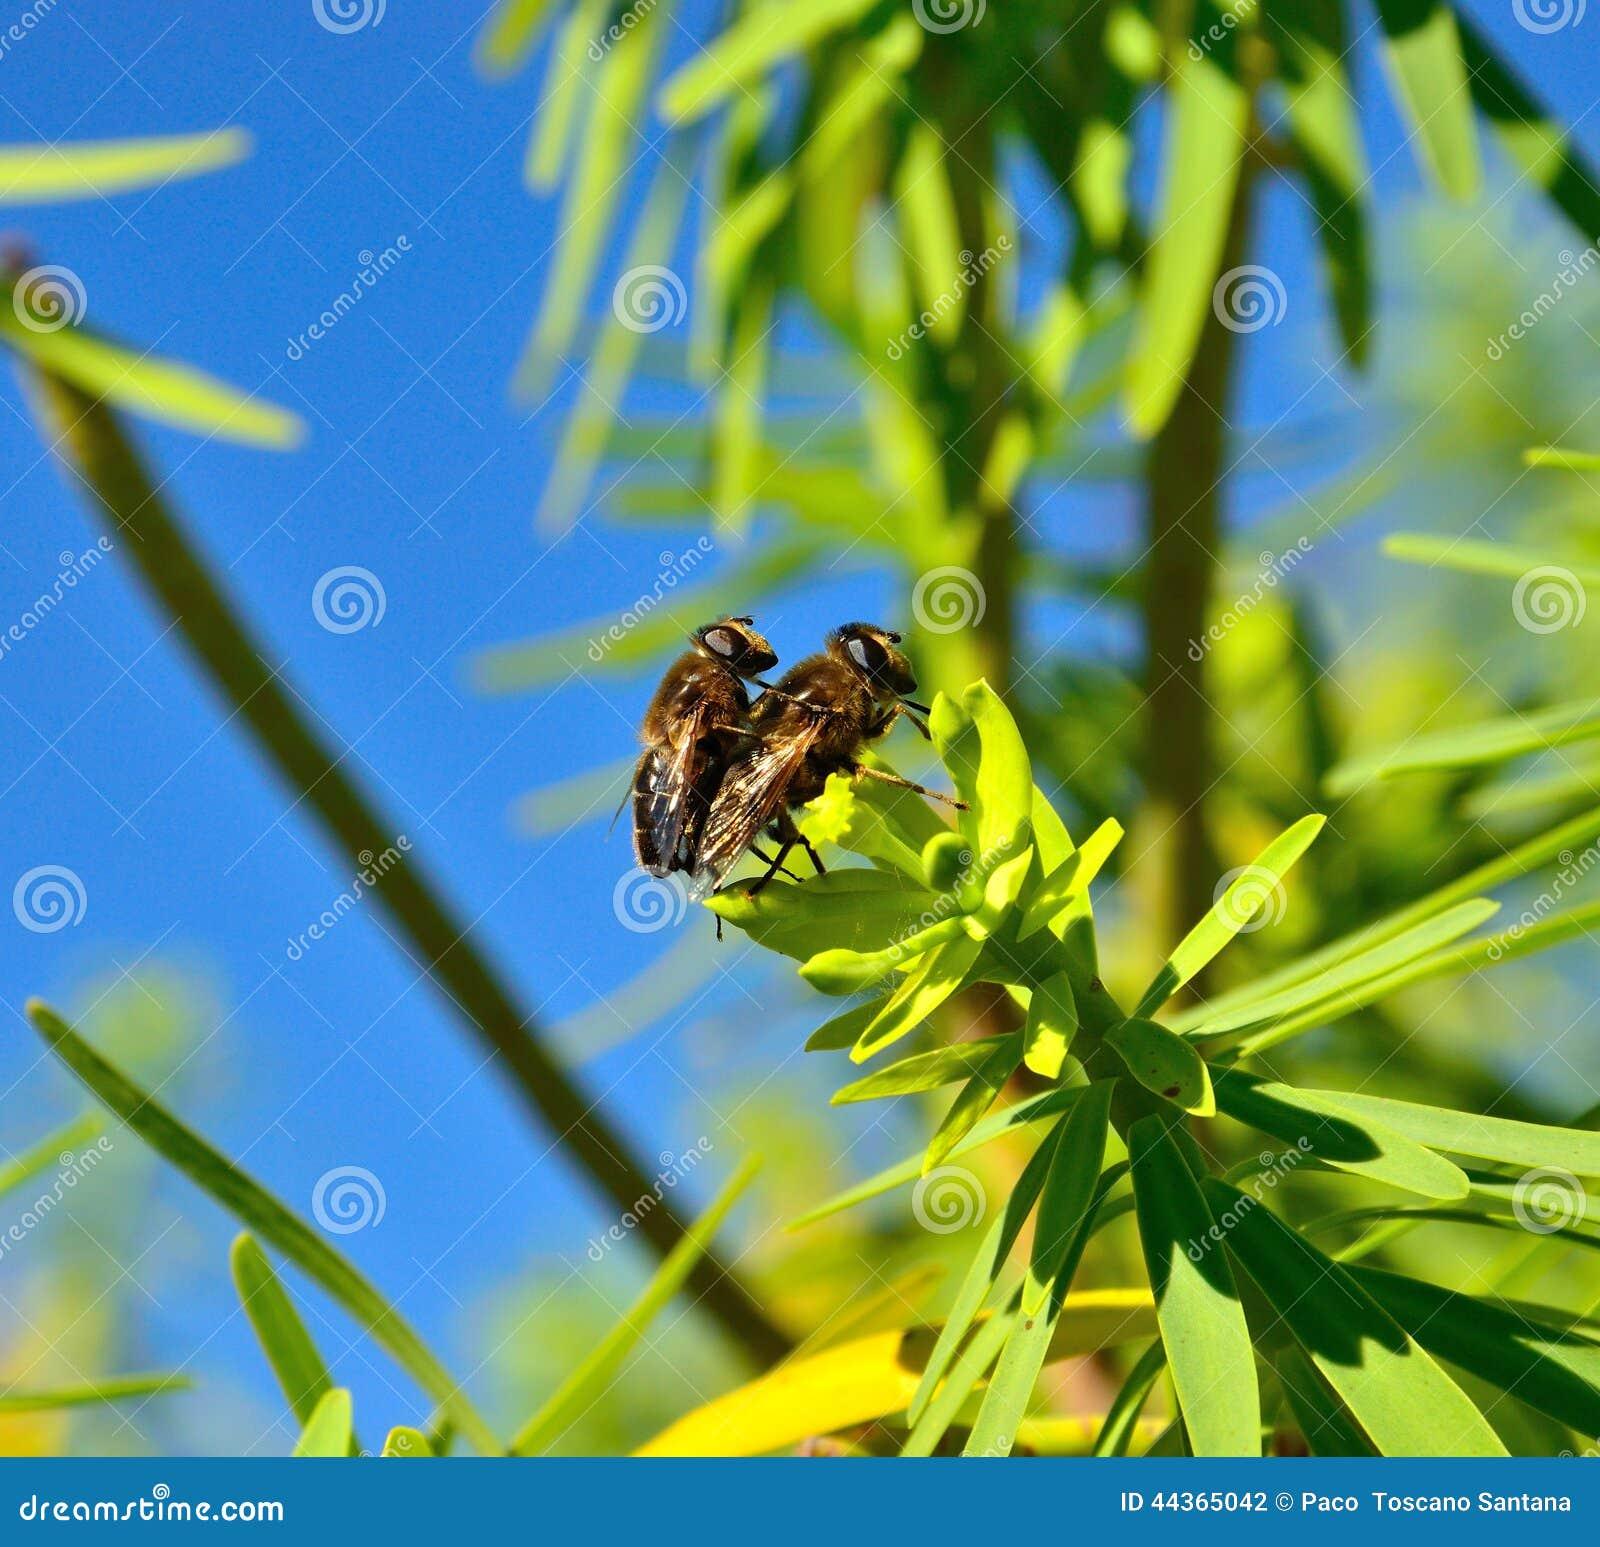 Rituale accoppiamento delle api sulle foglie verdi di euforbia